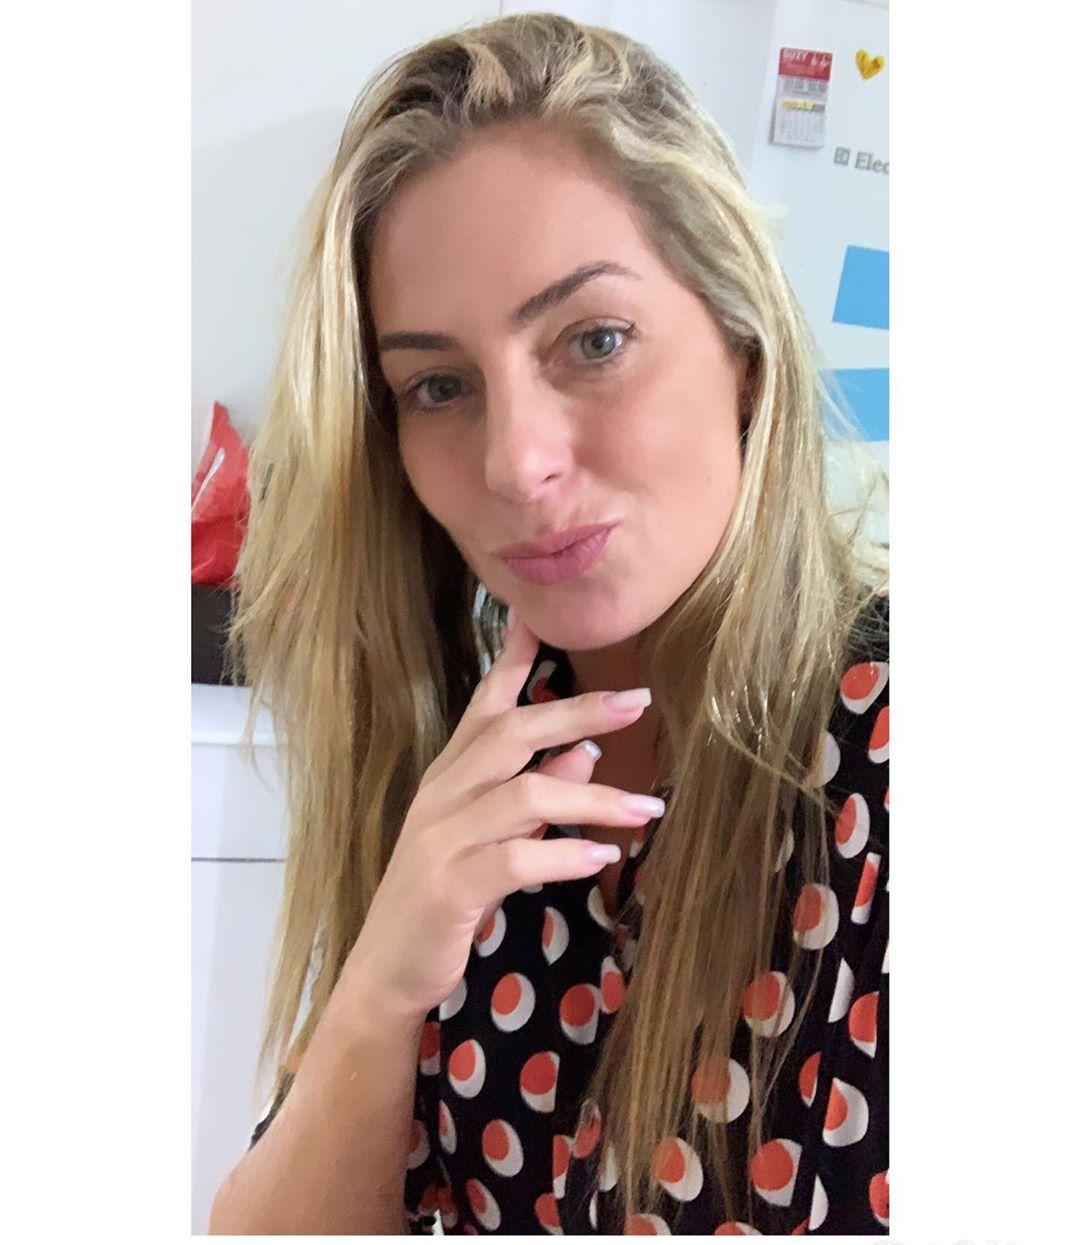 Francis Simas processou Bruna Marquezine (Foto: Reprodução/Instagram)